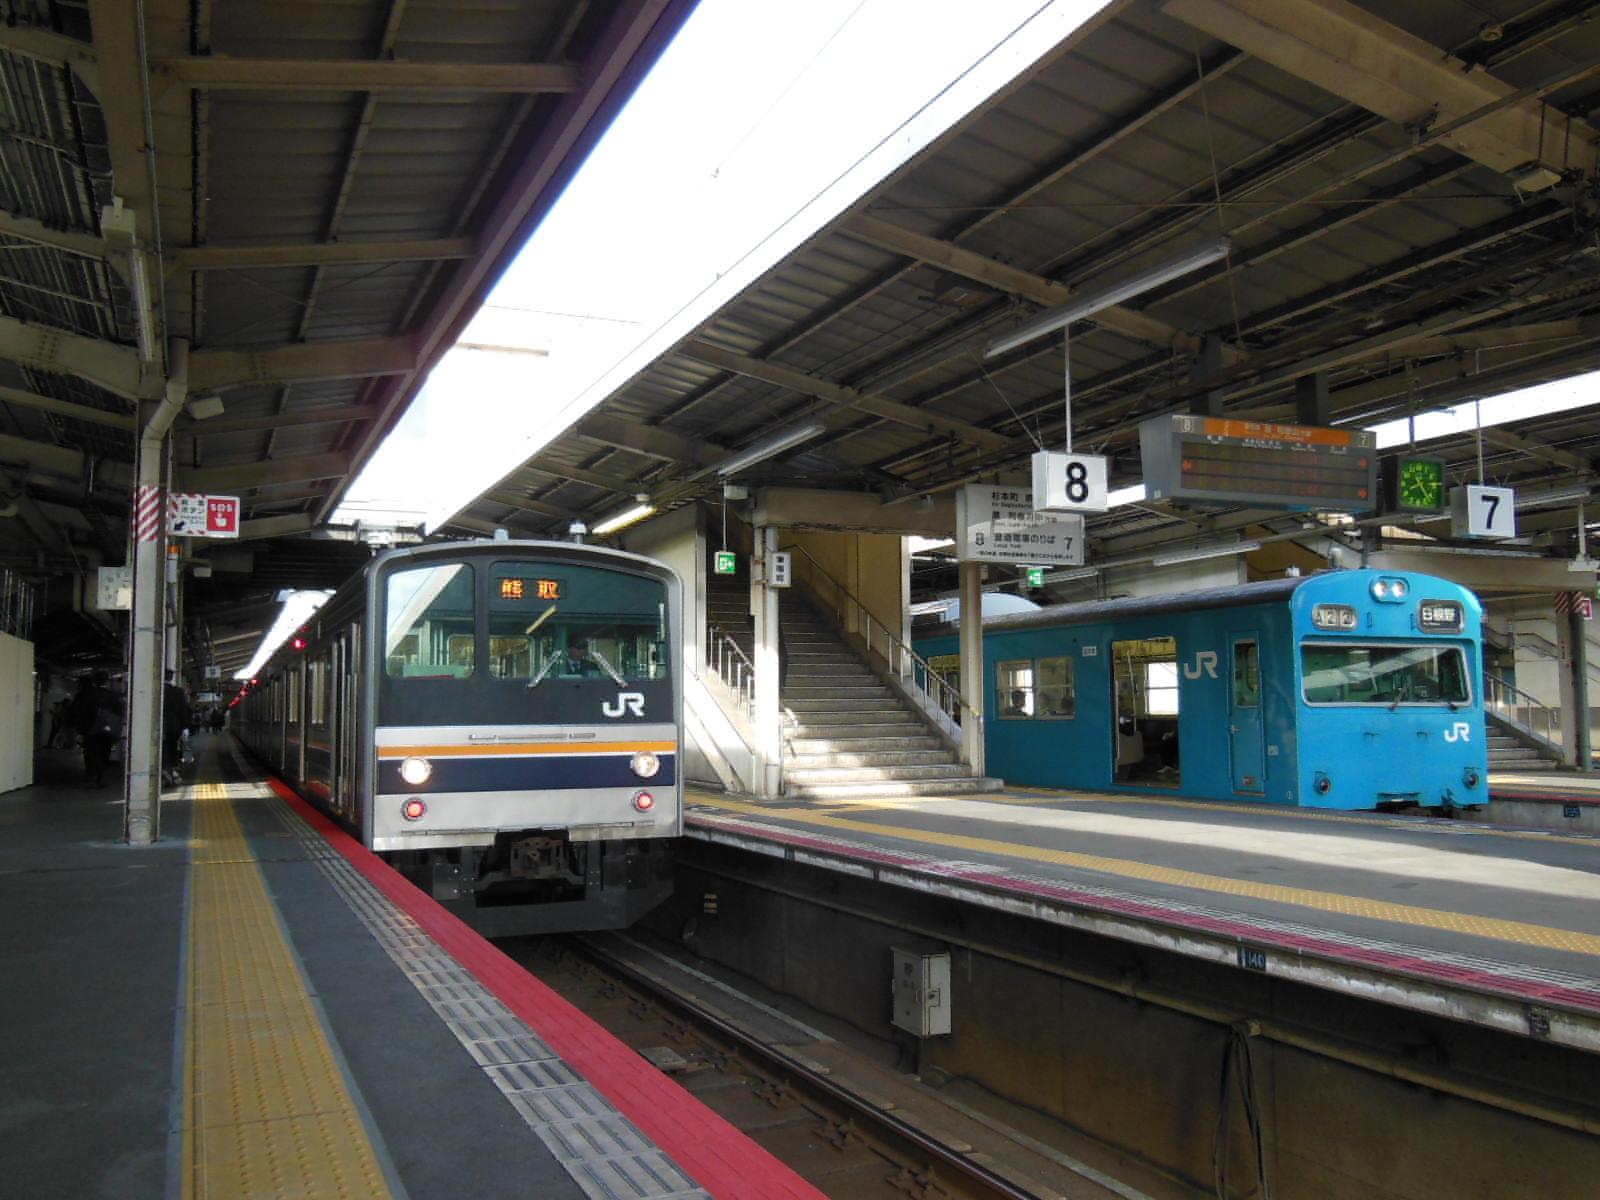 DSCN5270.jpg